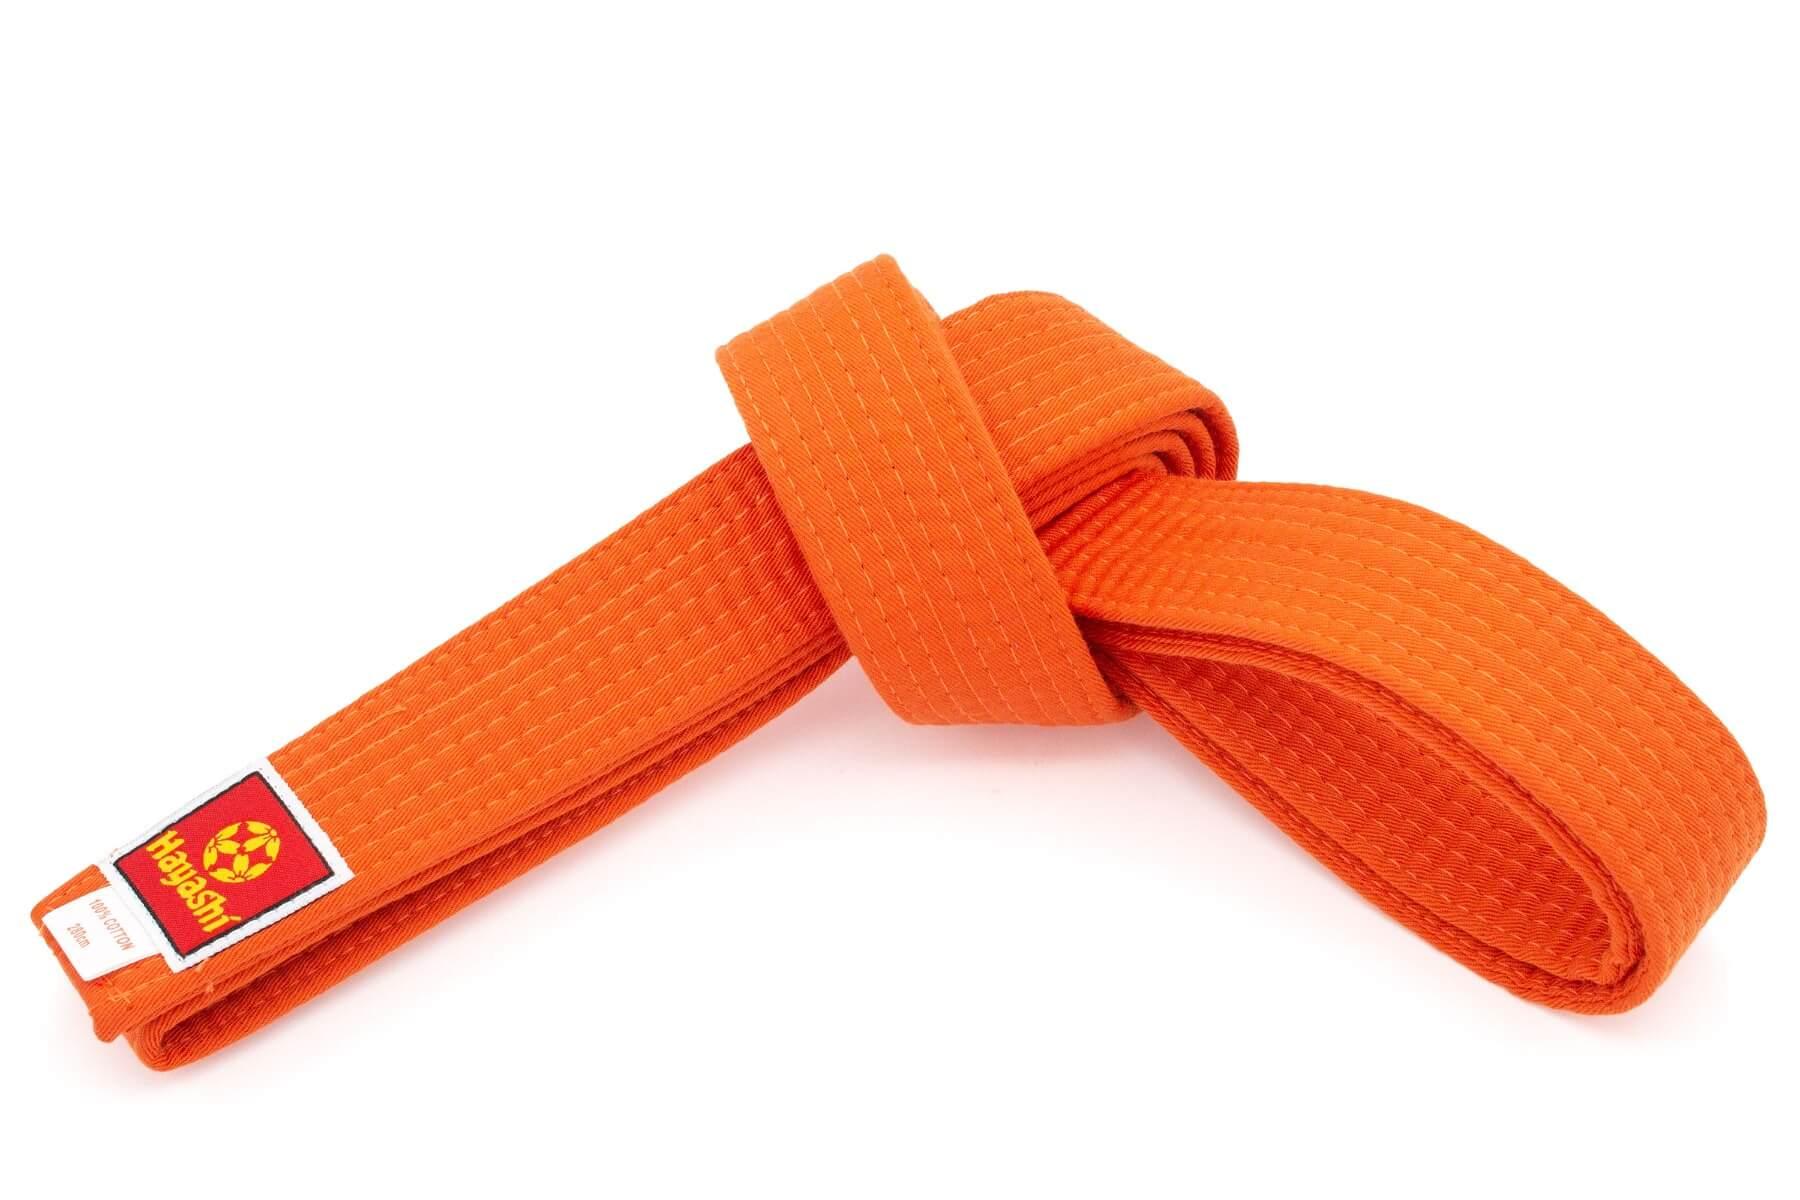 Budogürtel Hayashi 40mm Orange